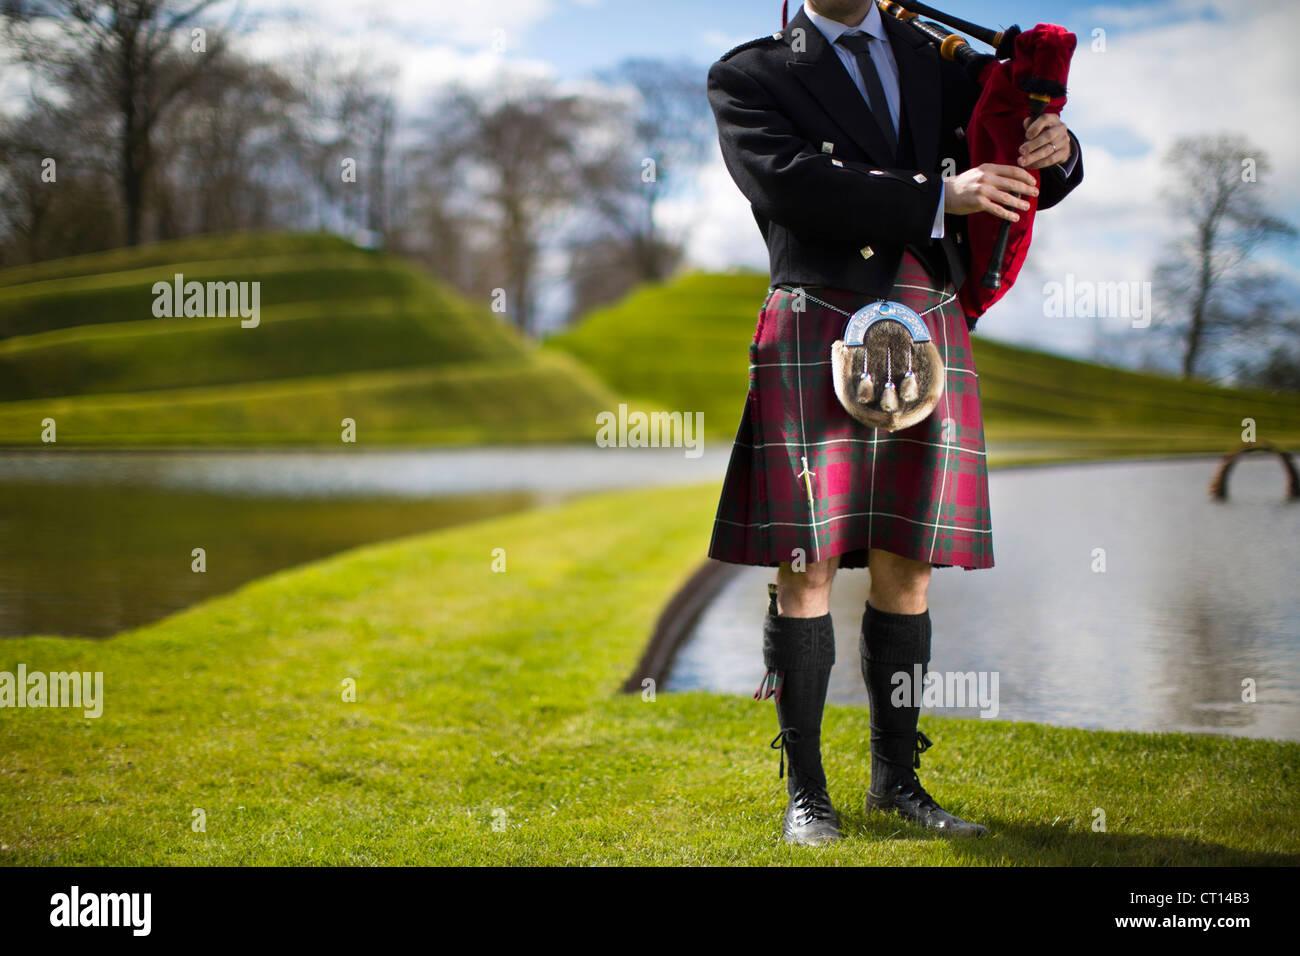 Uomo di Scottish kilt riproduzione di cornamuse Foto Stock